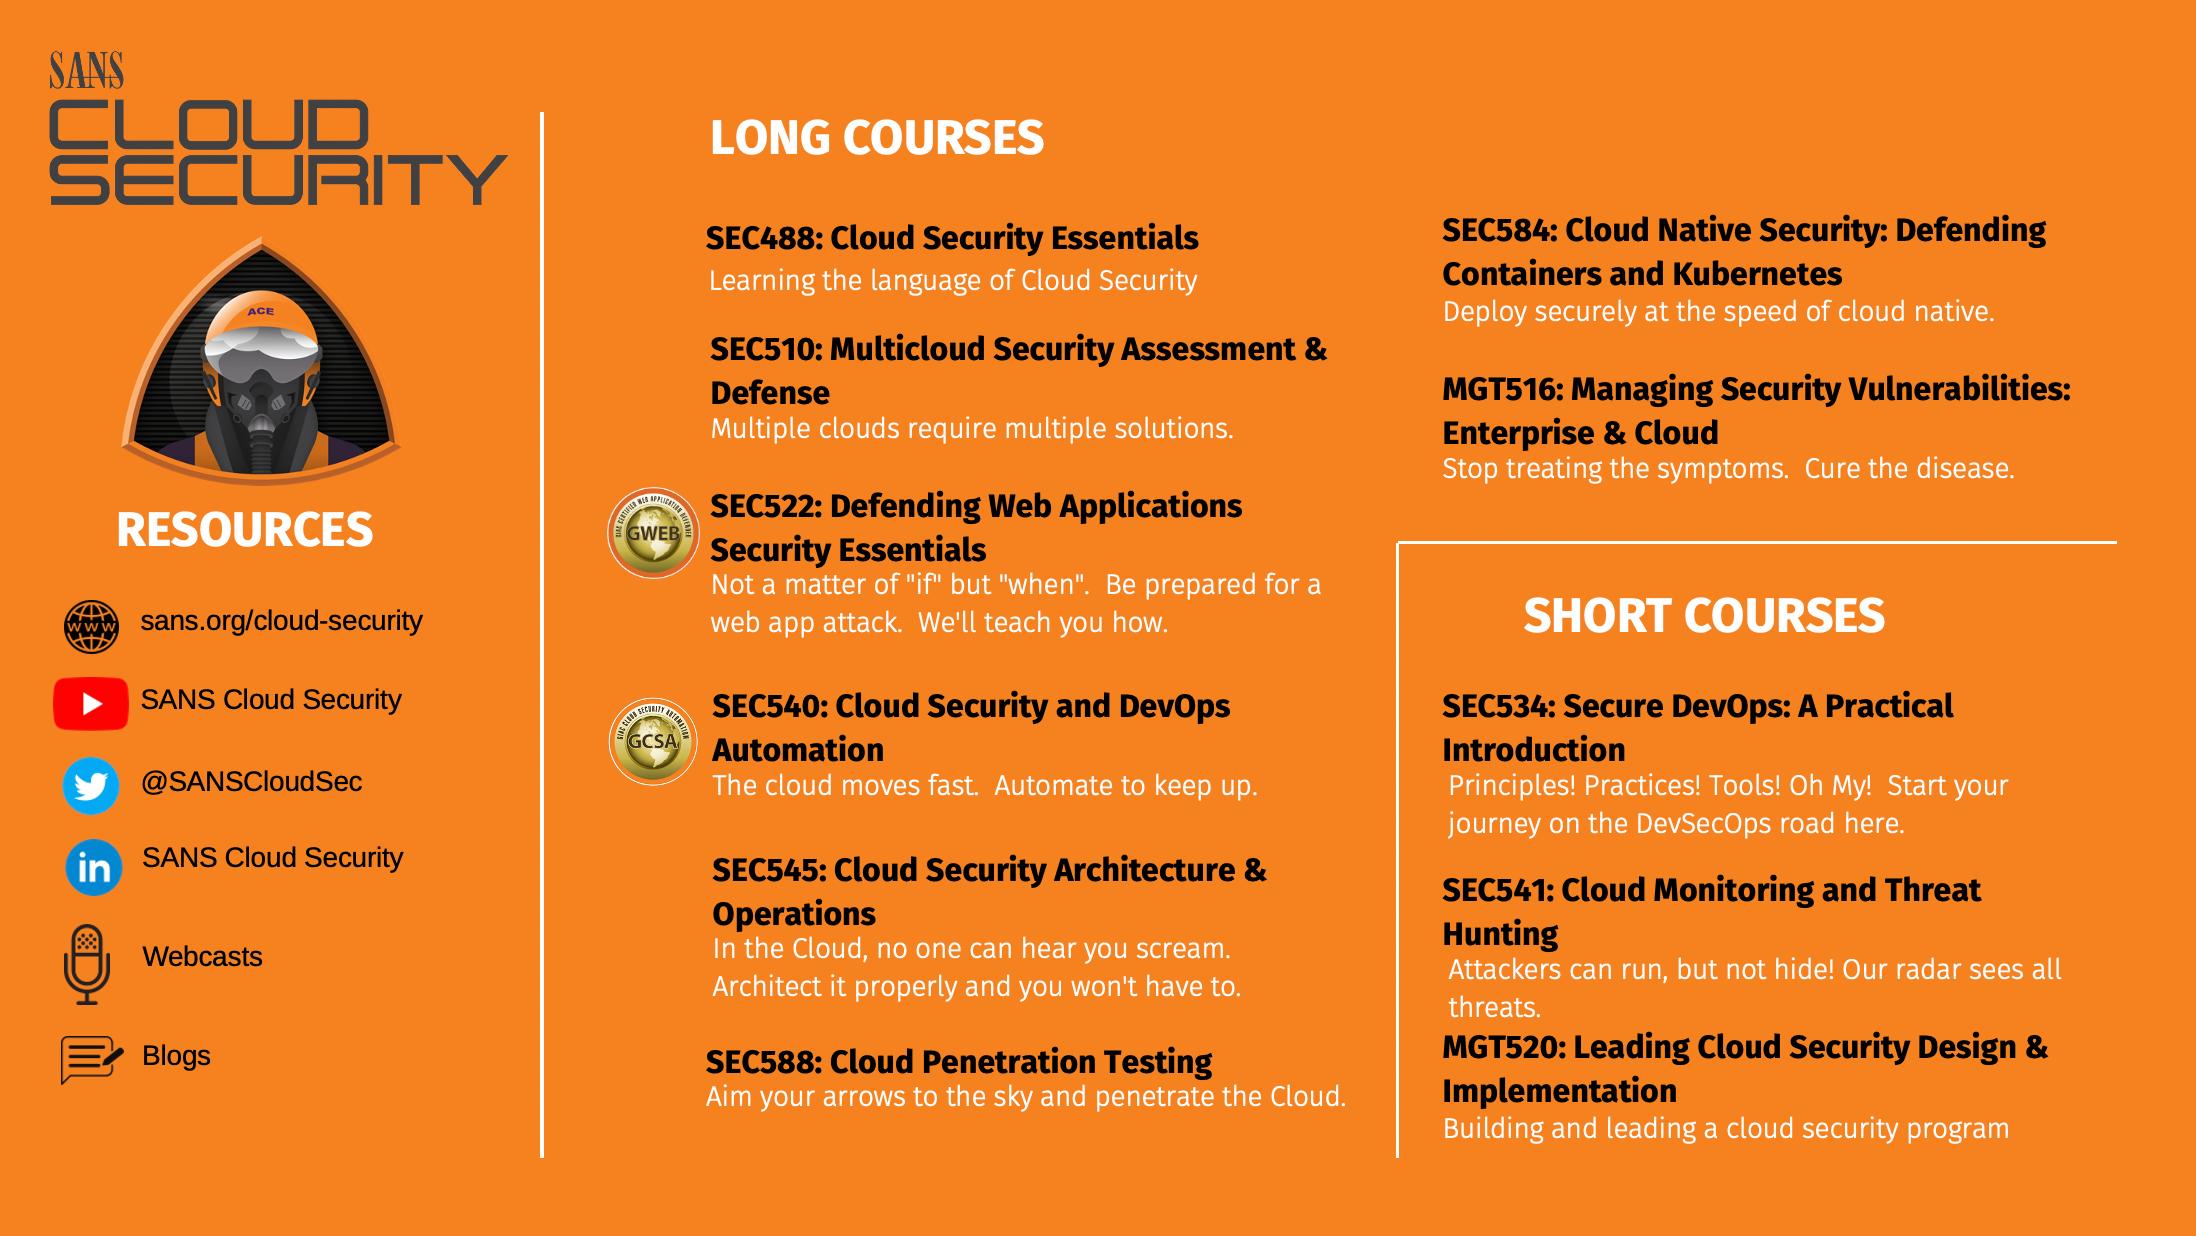 CloudSecurityCurriculum_2020_1019.png